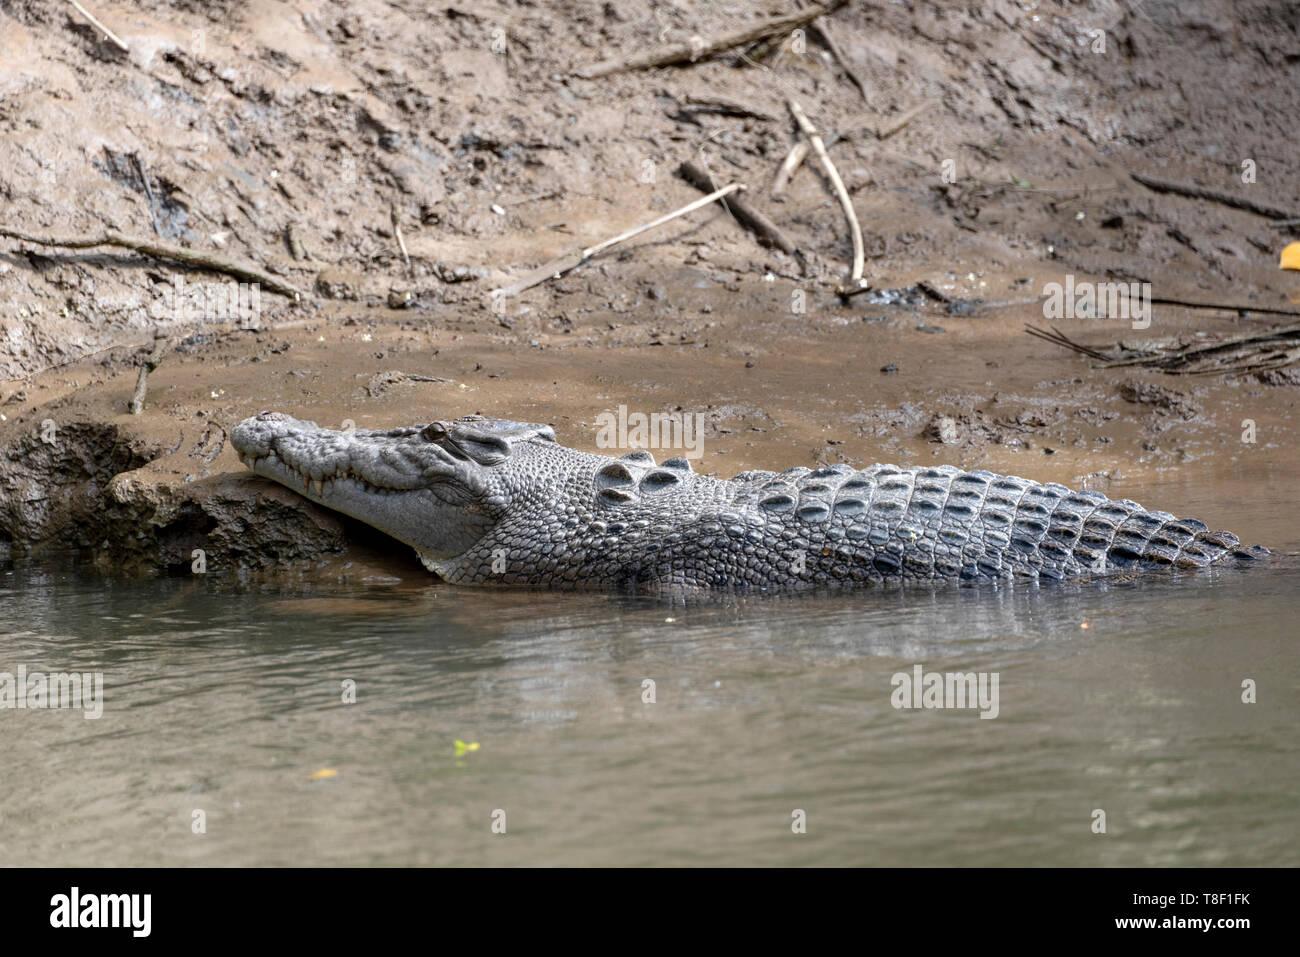 Crocodile in Daintree river, QLD, Australia Stock Photo